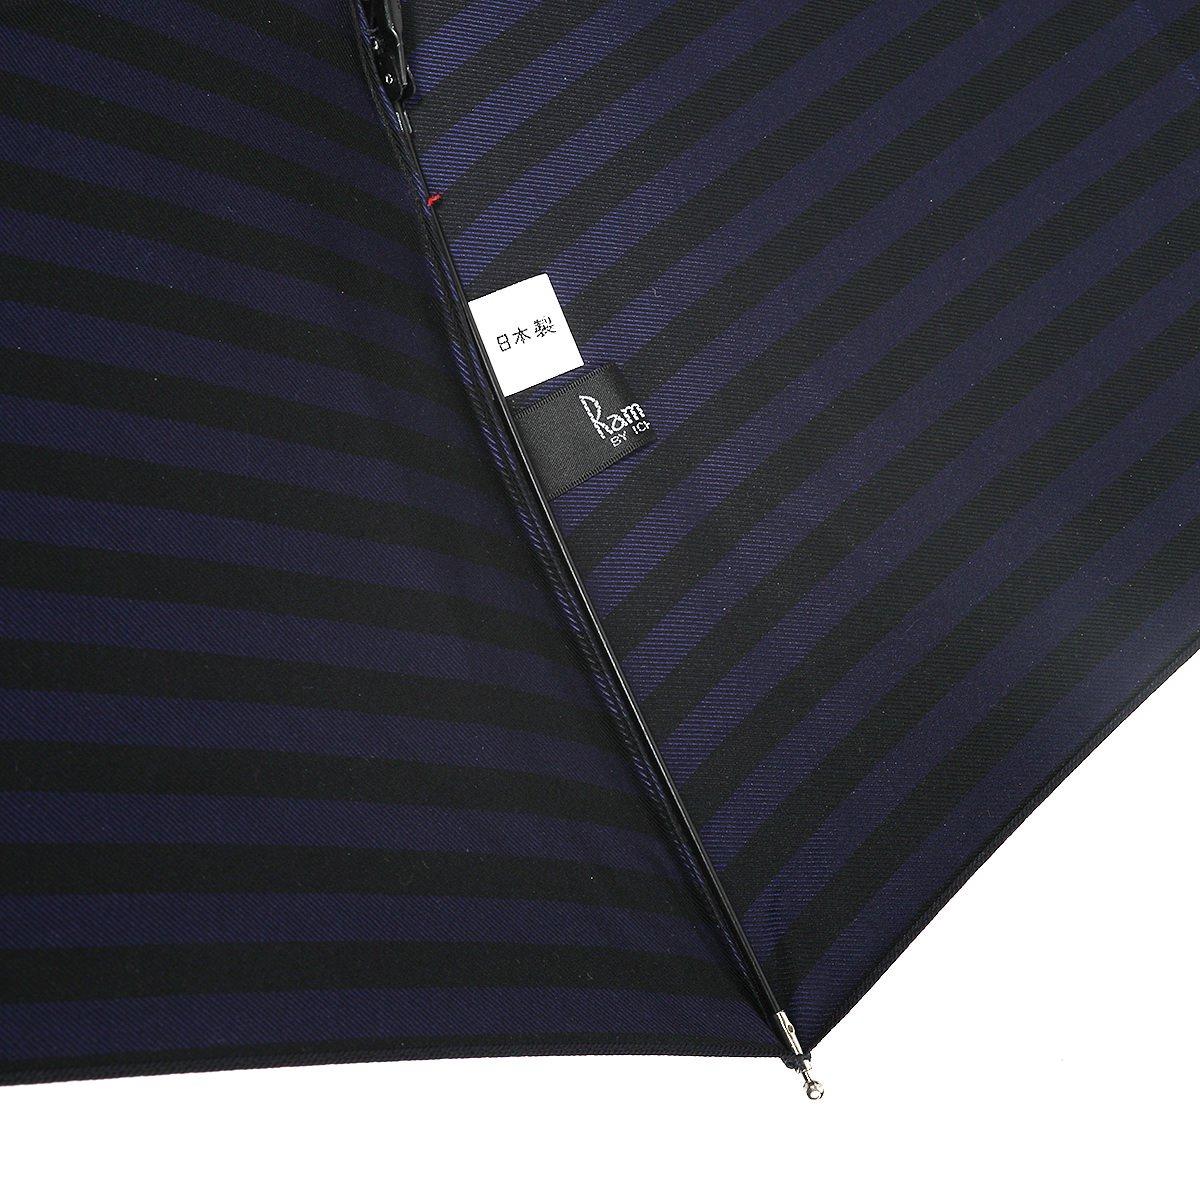 【限定】ラガー ボーダー 耐風骨 折りたたみ傘 詳細画像7